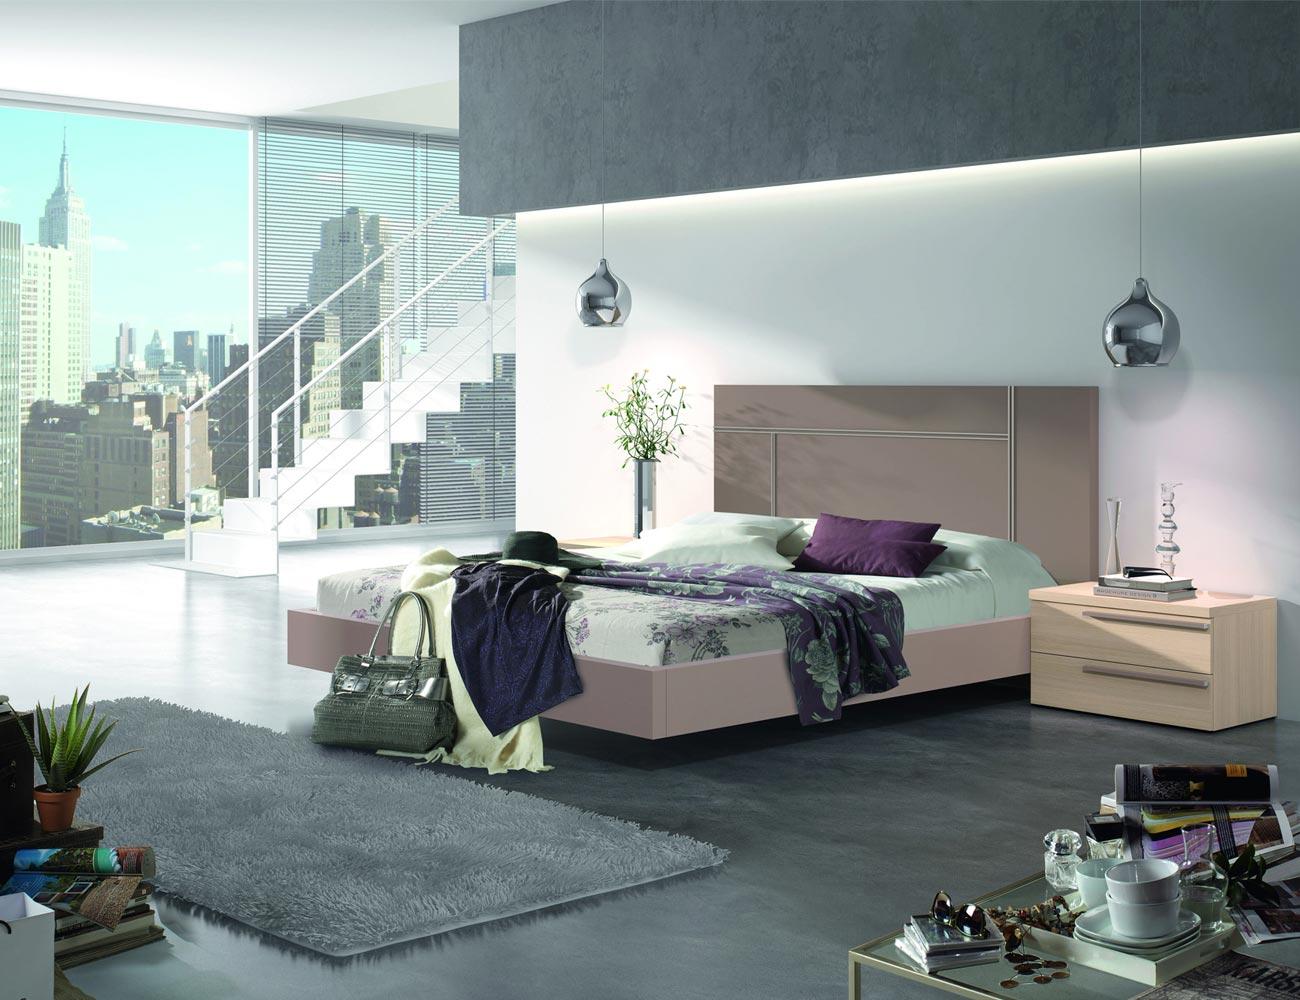 127 dormitorio matrimonio moka roble bañera